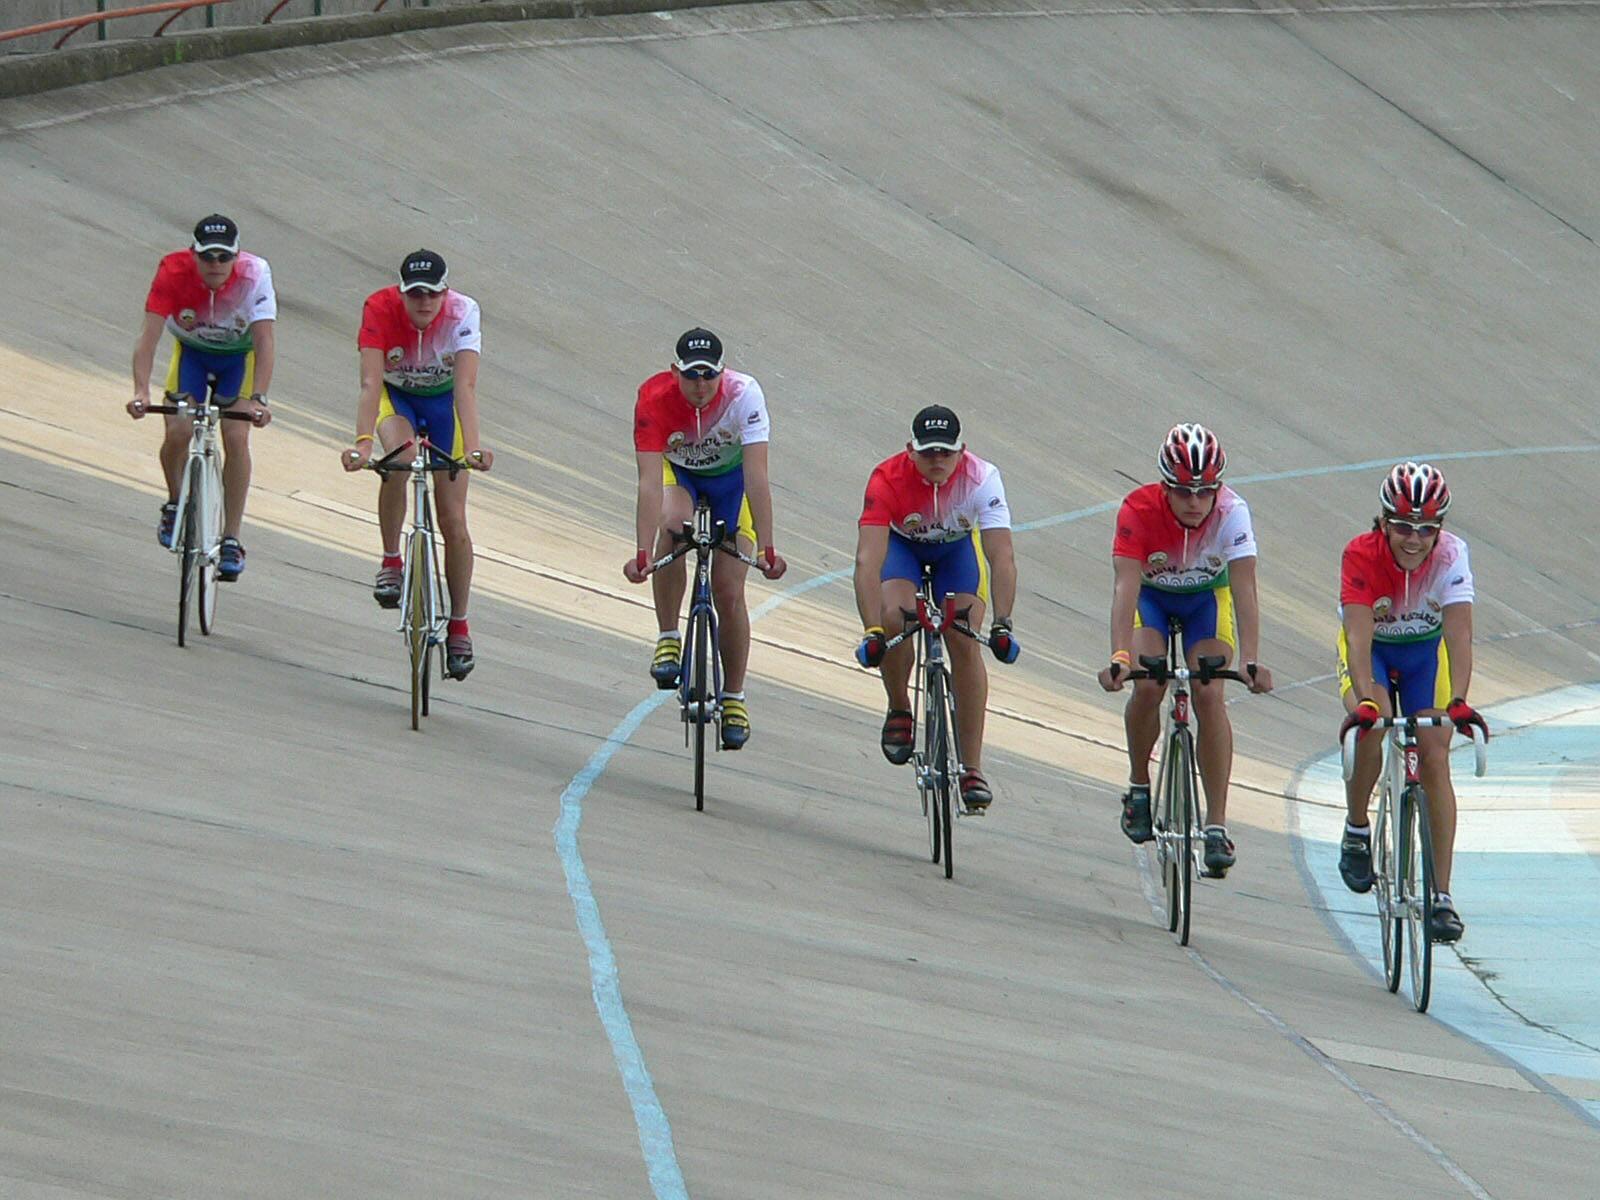 BVSC-s bajnokok tiszteletköre a 2005-ös pályabajnokságon